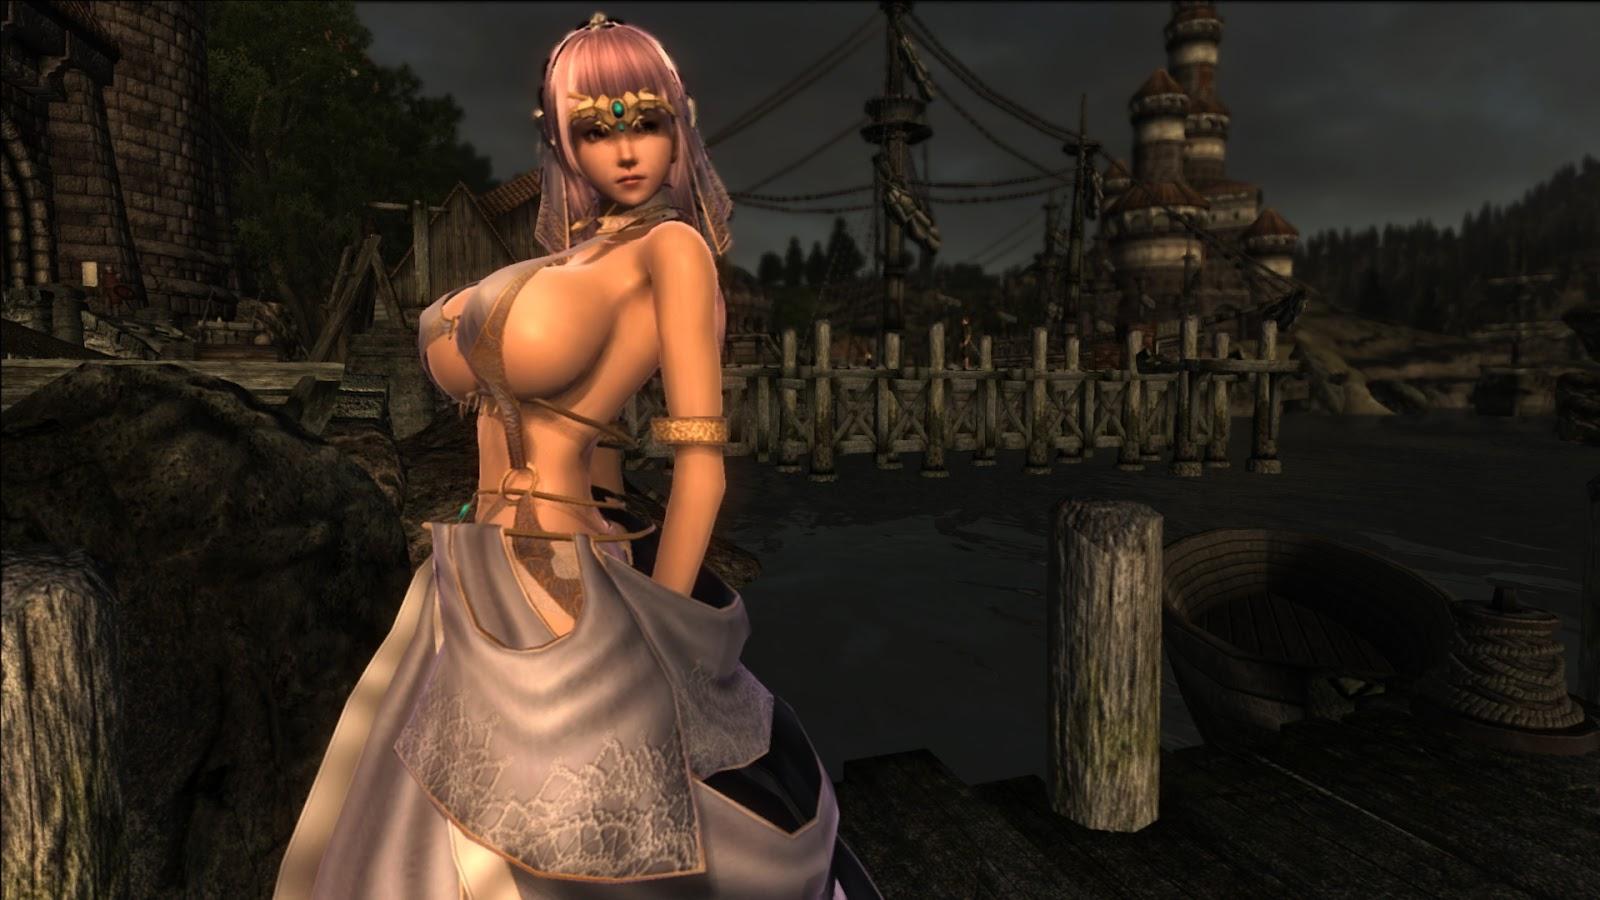 Oblivion sexy skins erotica picture